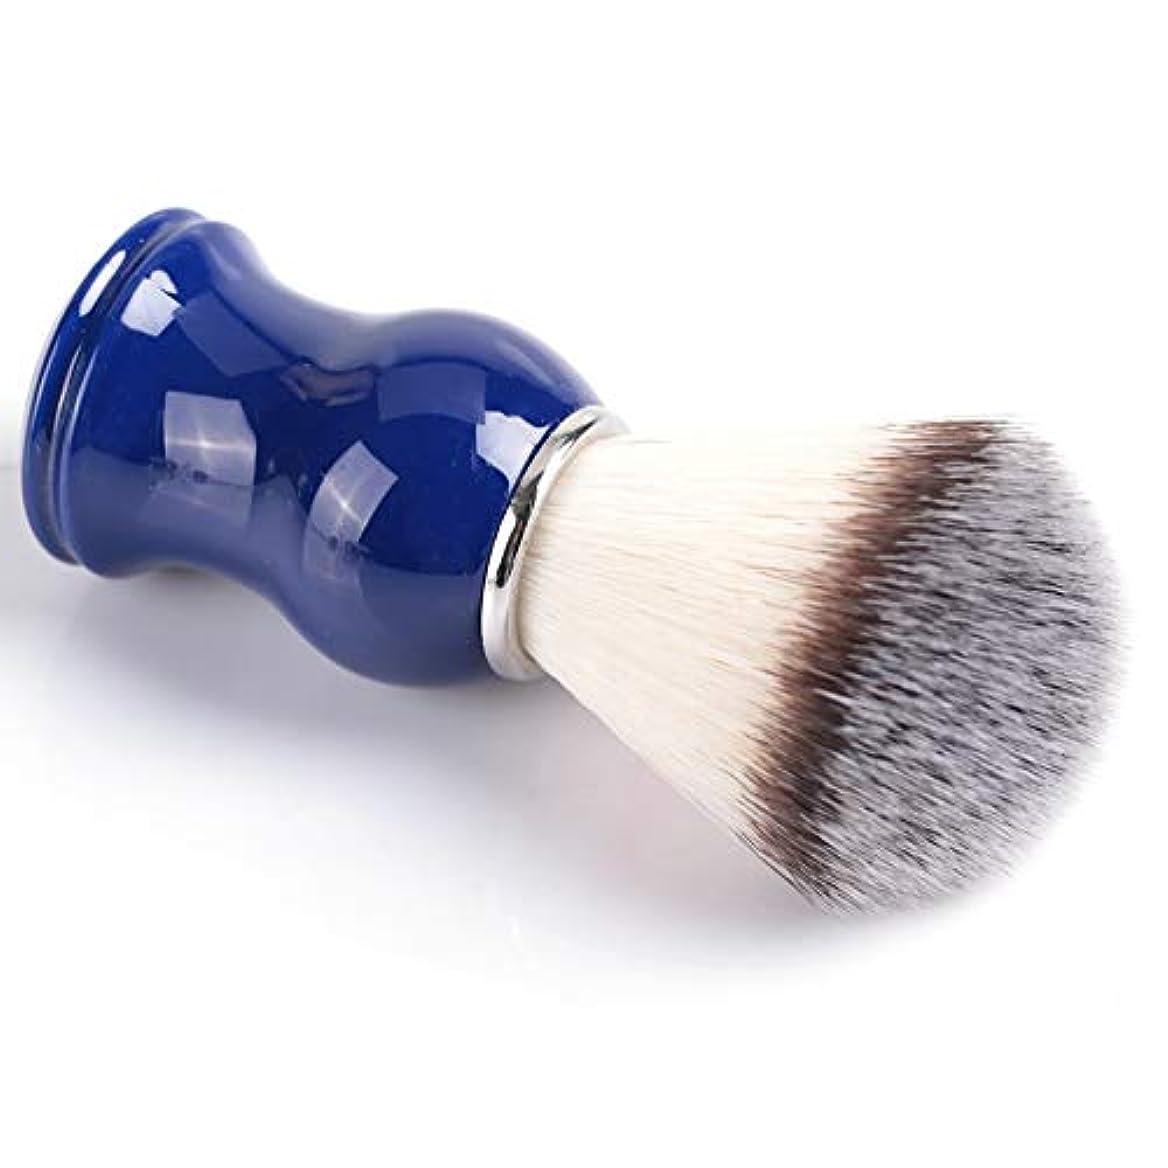 マイナスエスカレートドメインひげブラシ 髭剃り メンズ シェービングブラシ 木製コム 毛髭ブラシバッガーヘア シェービングブラシ ポータブルひげ剃り美容(ナイロン)